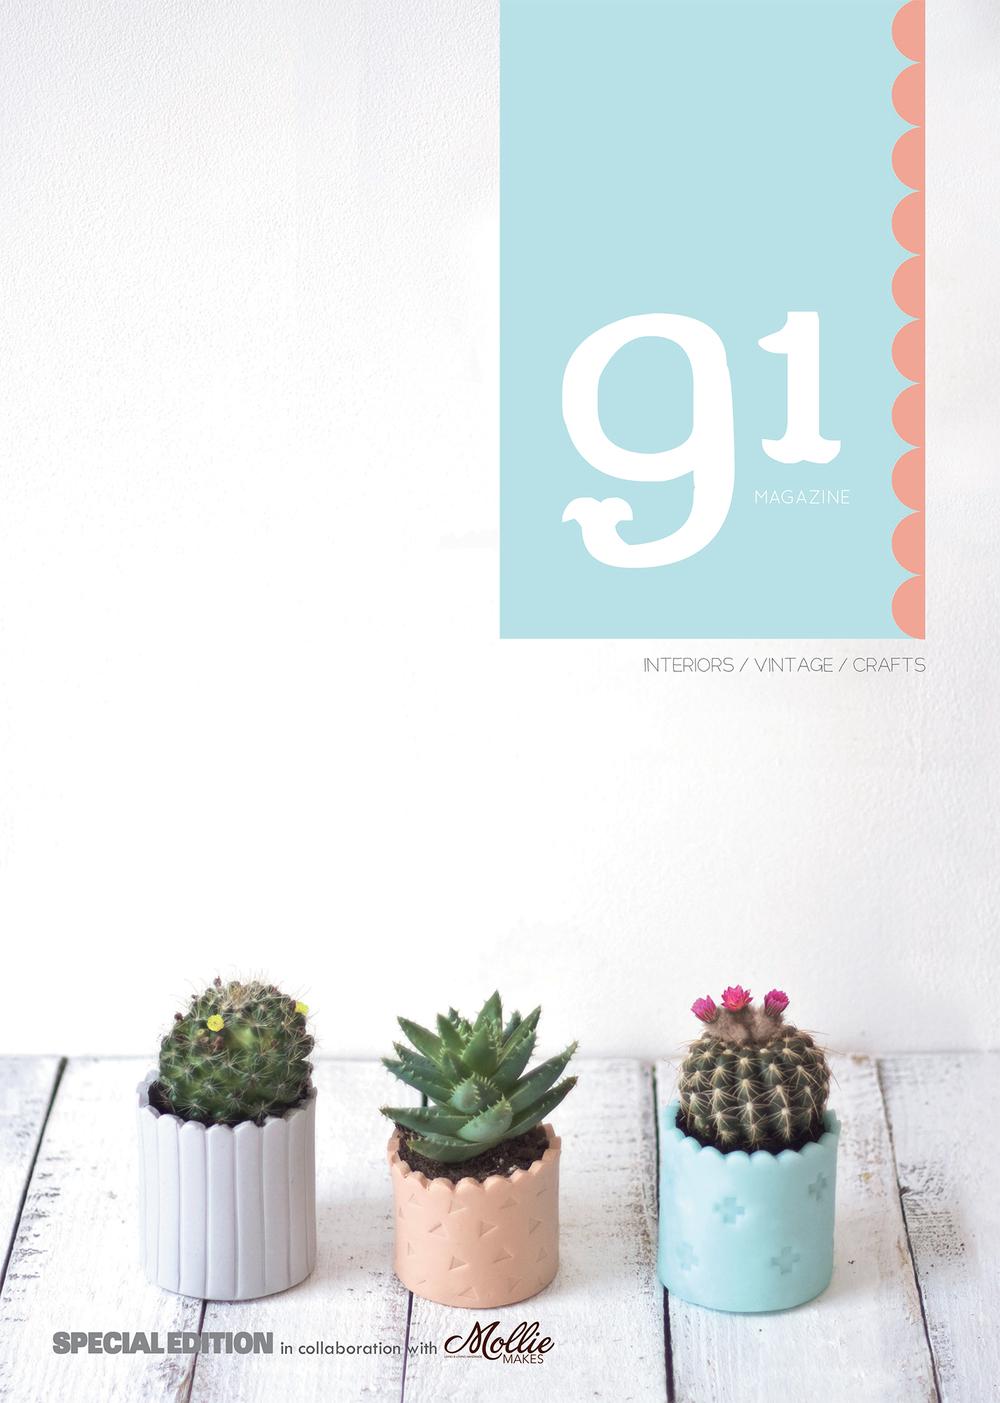 91cover.jpg